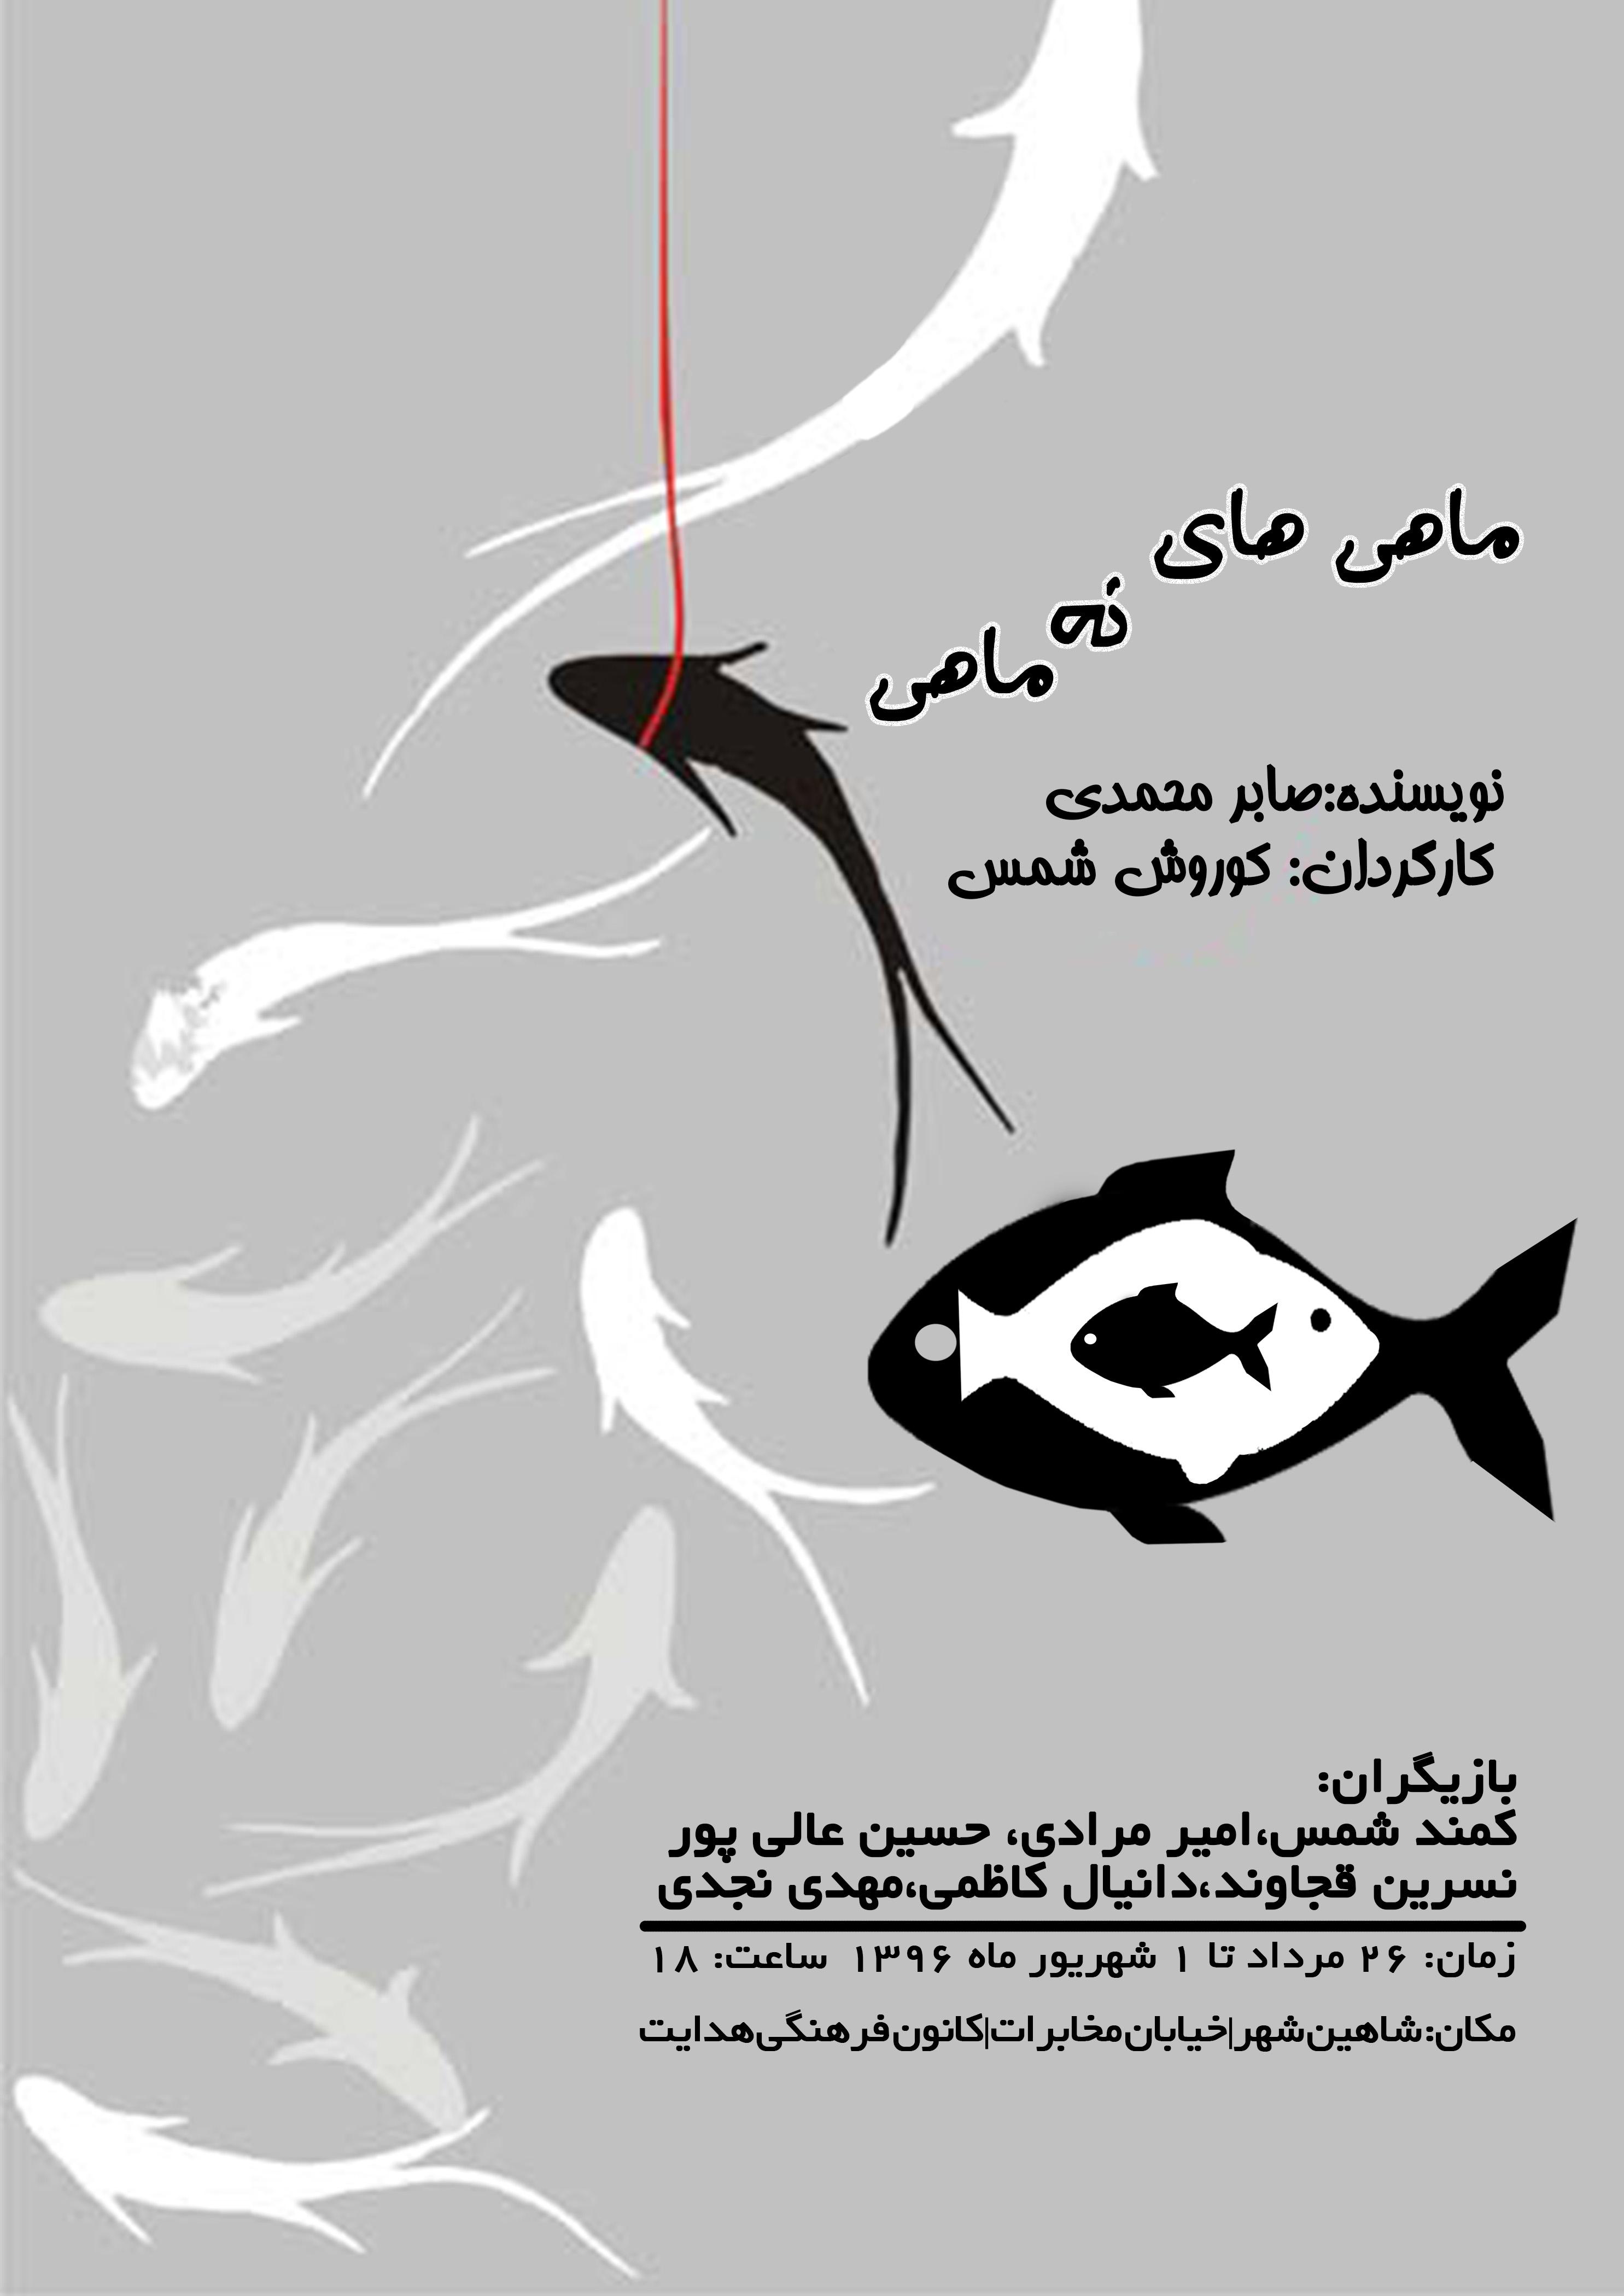 نمایش «ماهی های نه ماهی» در بیست و نهمین جشنواره تئاتر استان اصفهان